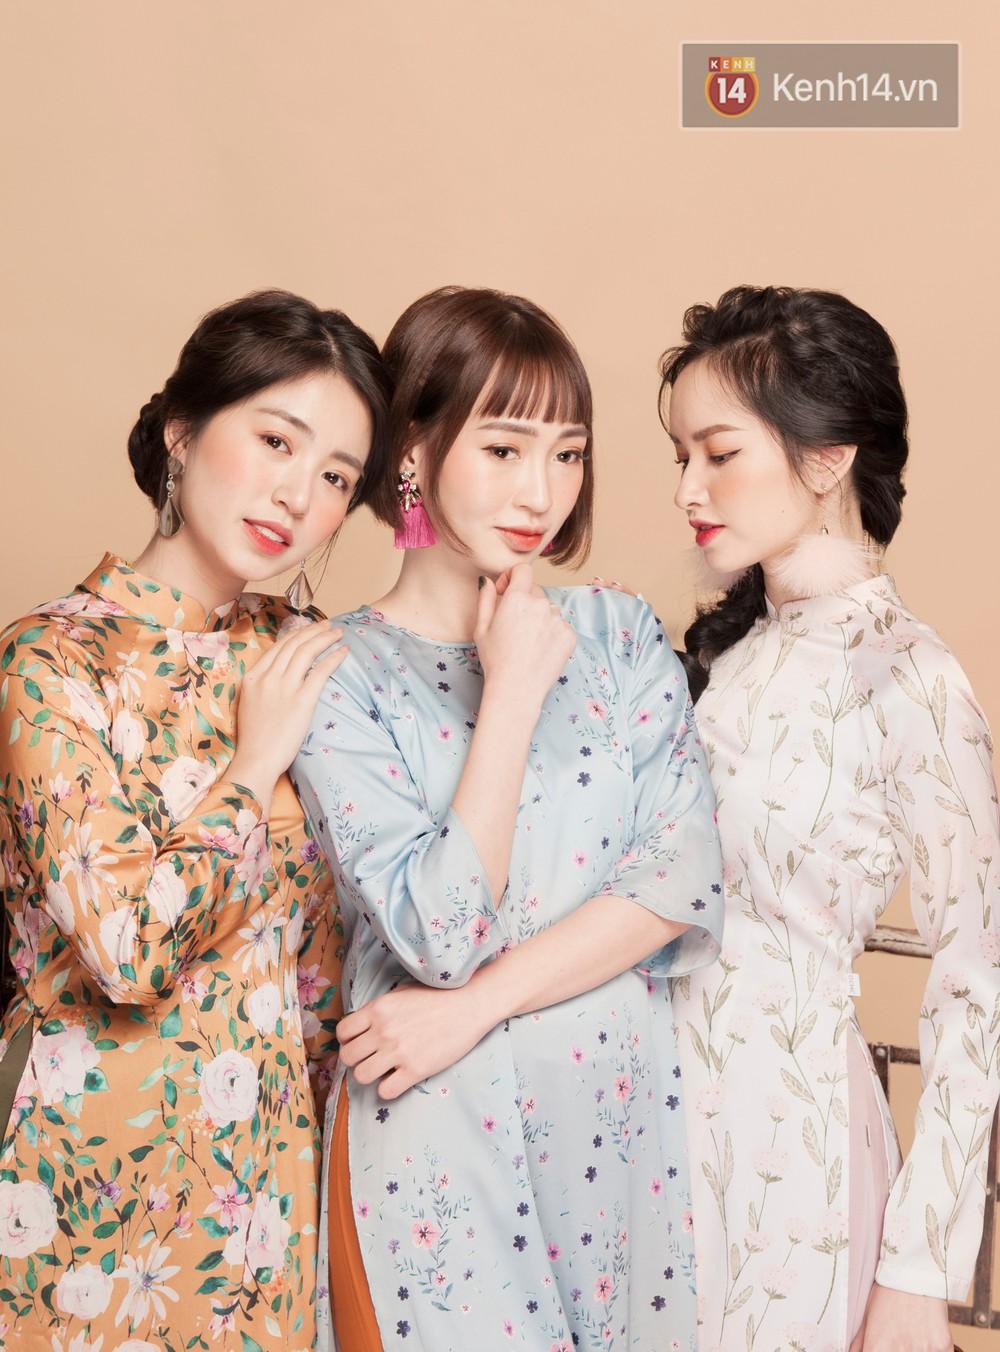 Tết này mặc áo dài: Sun HT, Mẫn Tiên, Lê Vi diện 15 mẫu áo dài cực xinh mà hẳn là bạn cũng đang cần tìm mua chúng - Ảnh 7.